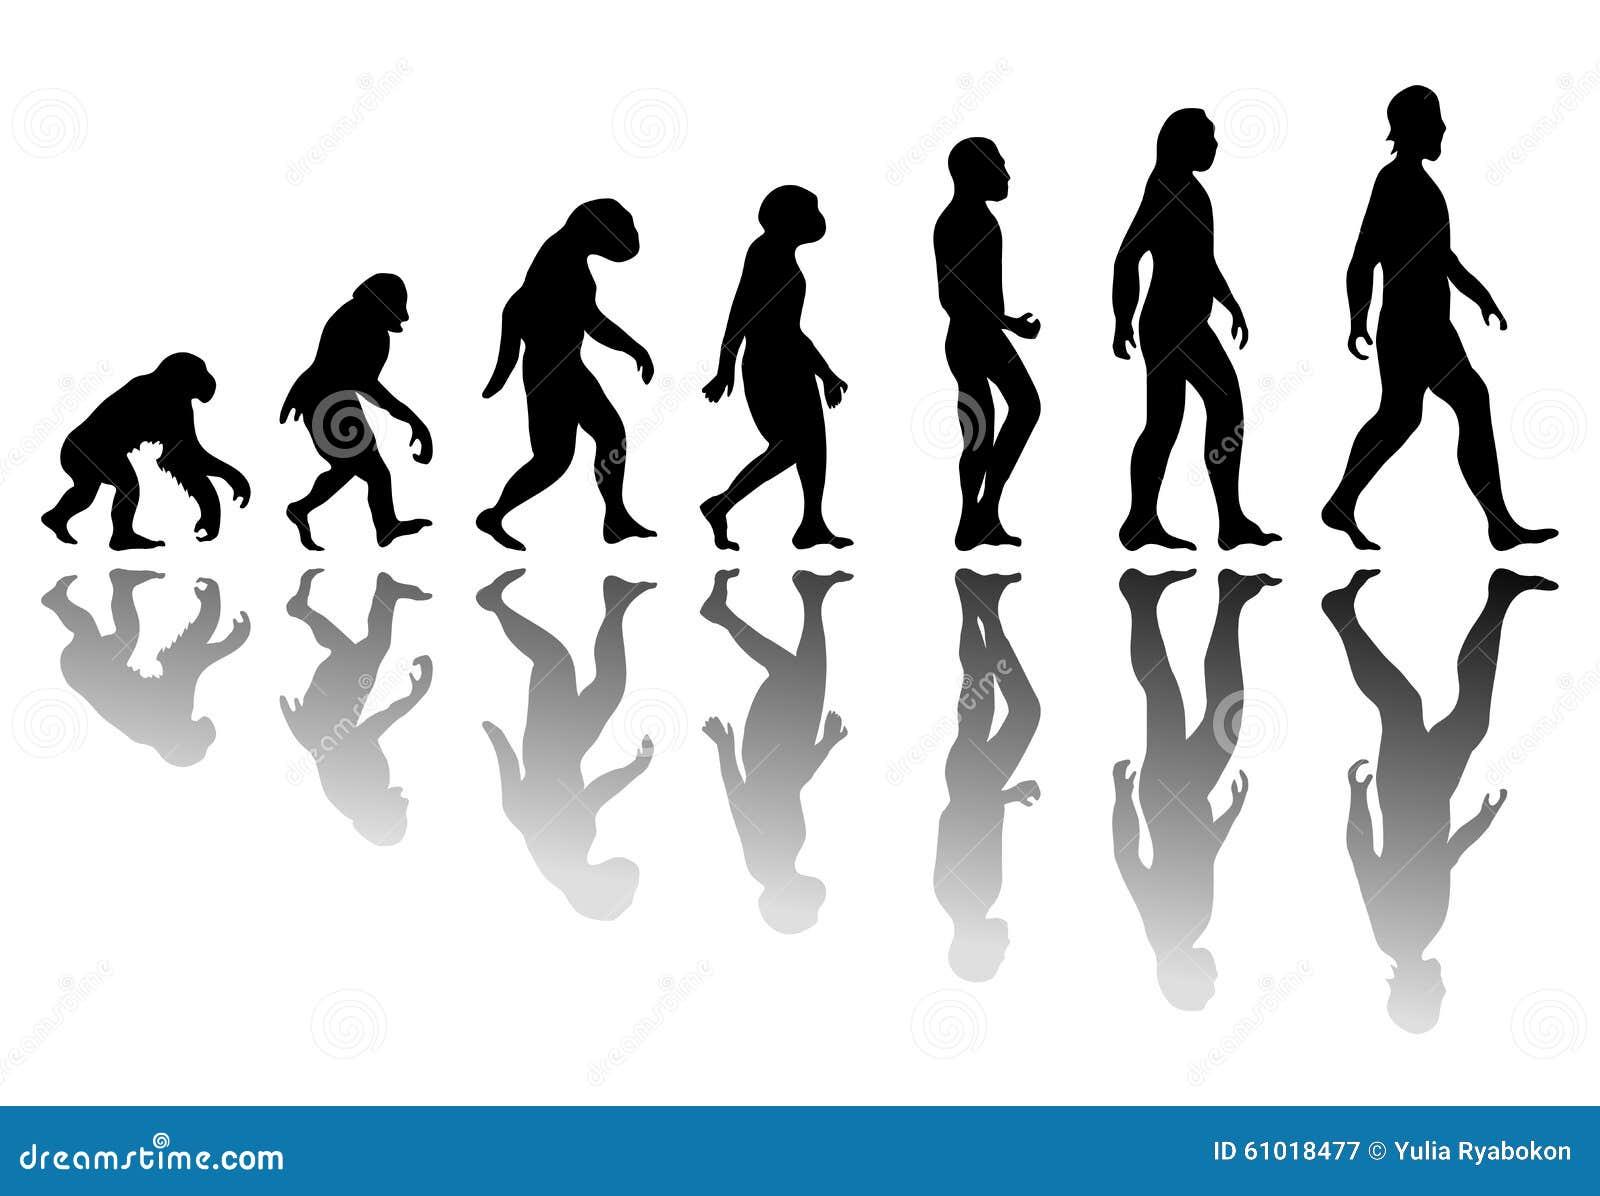 Evoluzione dell 39 uomo della siluetta illustrazione for Planimetrie della caverna dell uomo